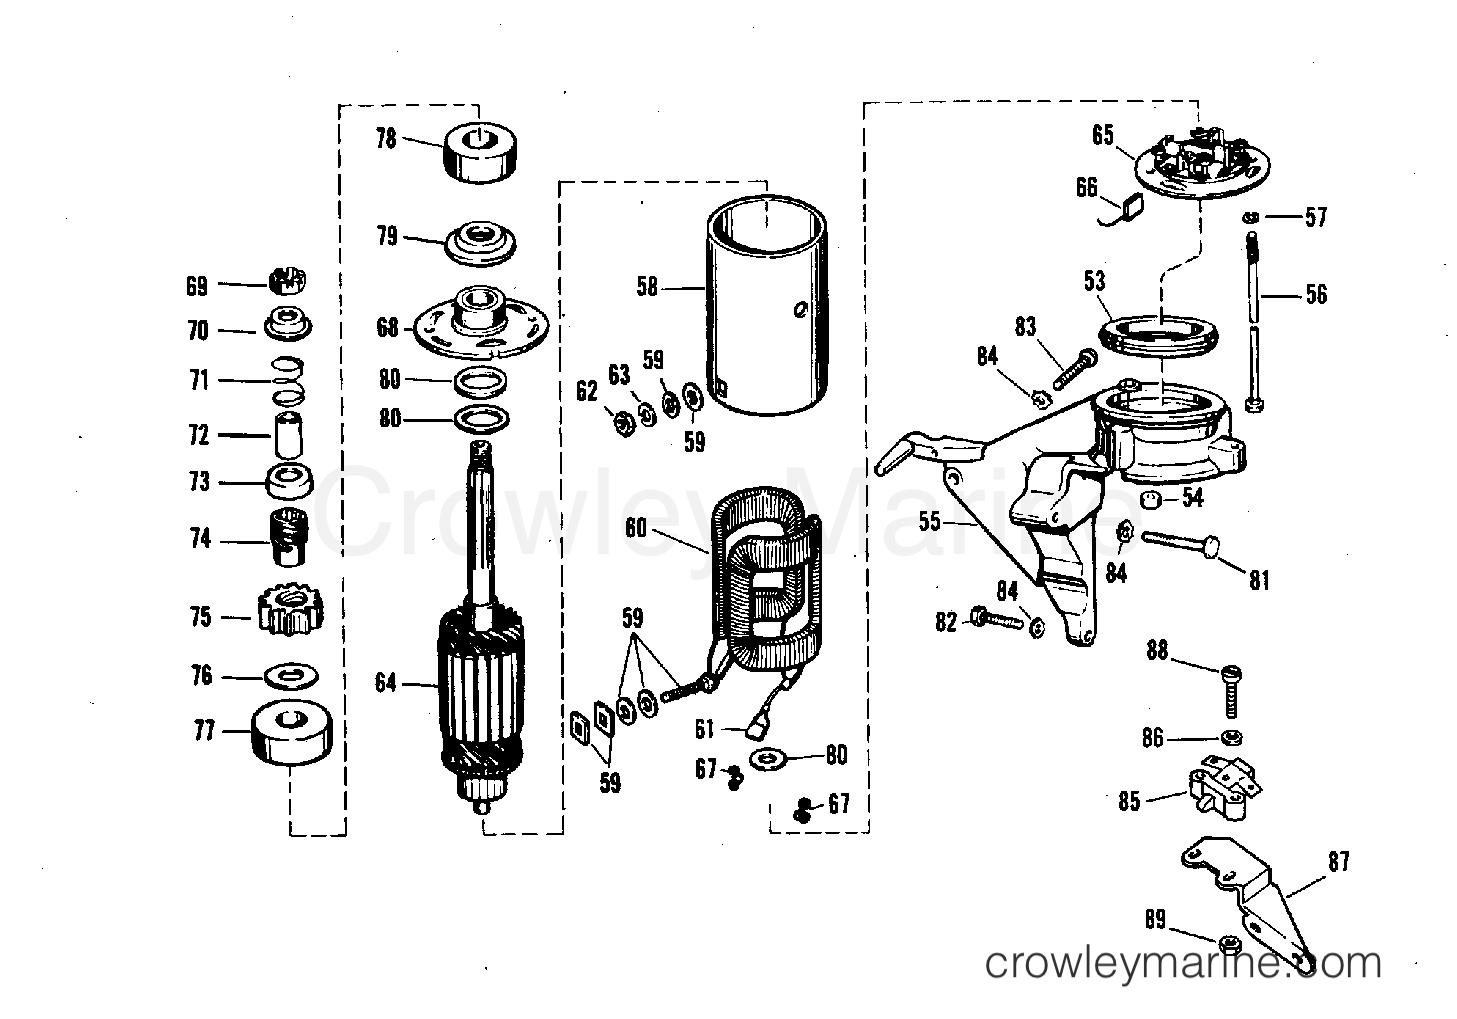 Electric Starting Kit 18 20 Amp 25 Hp Starter Motor